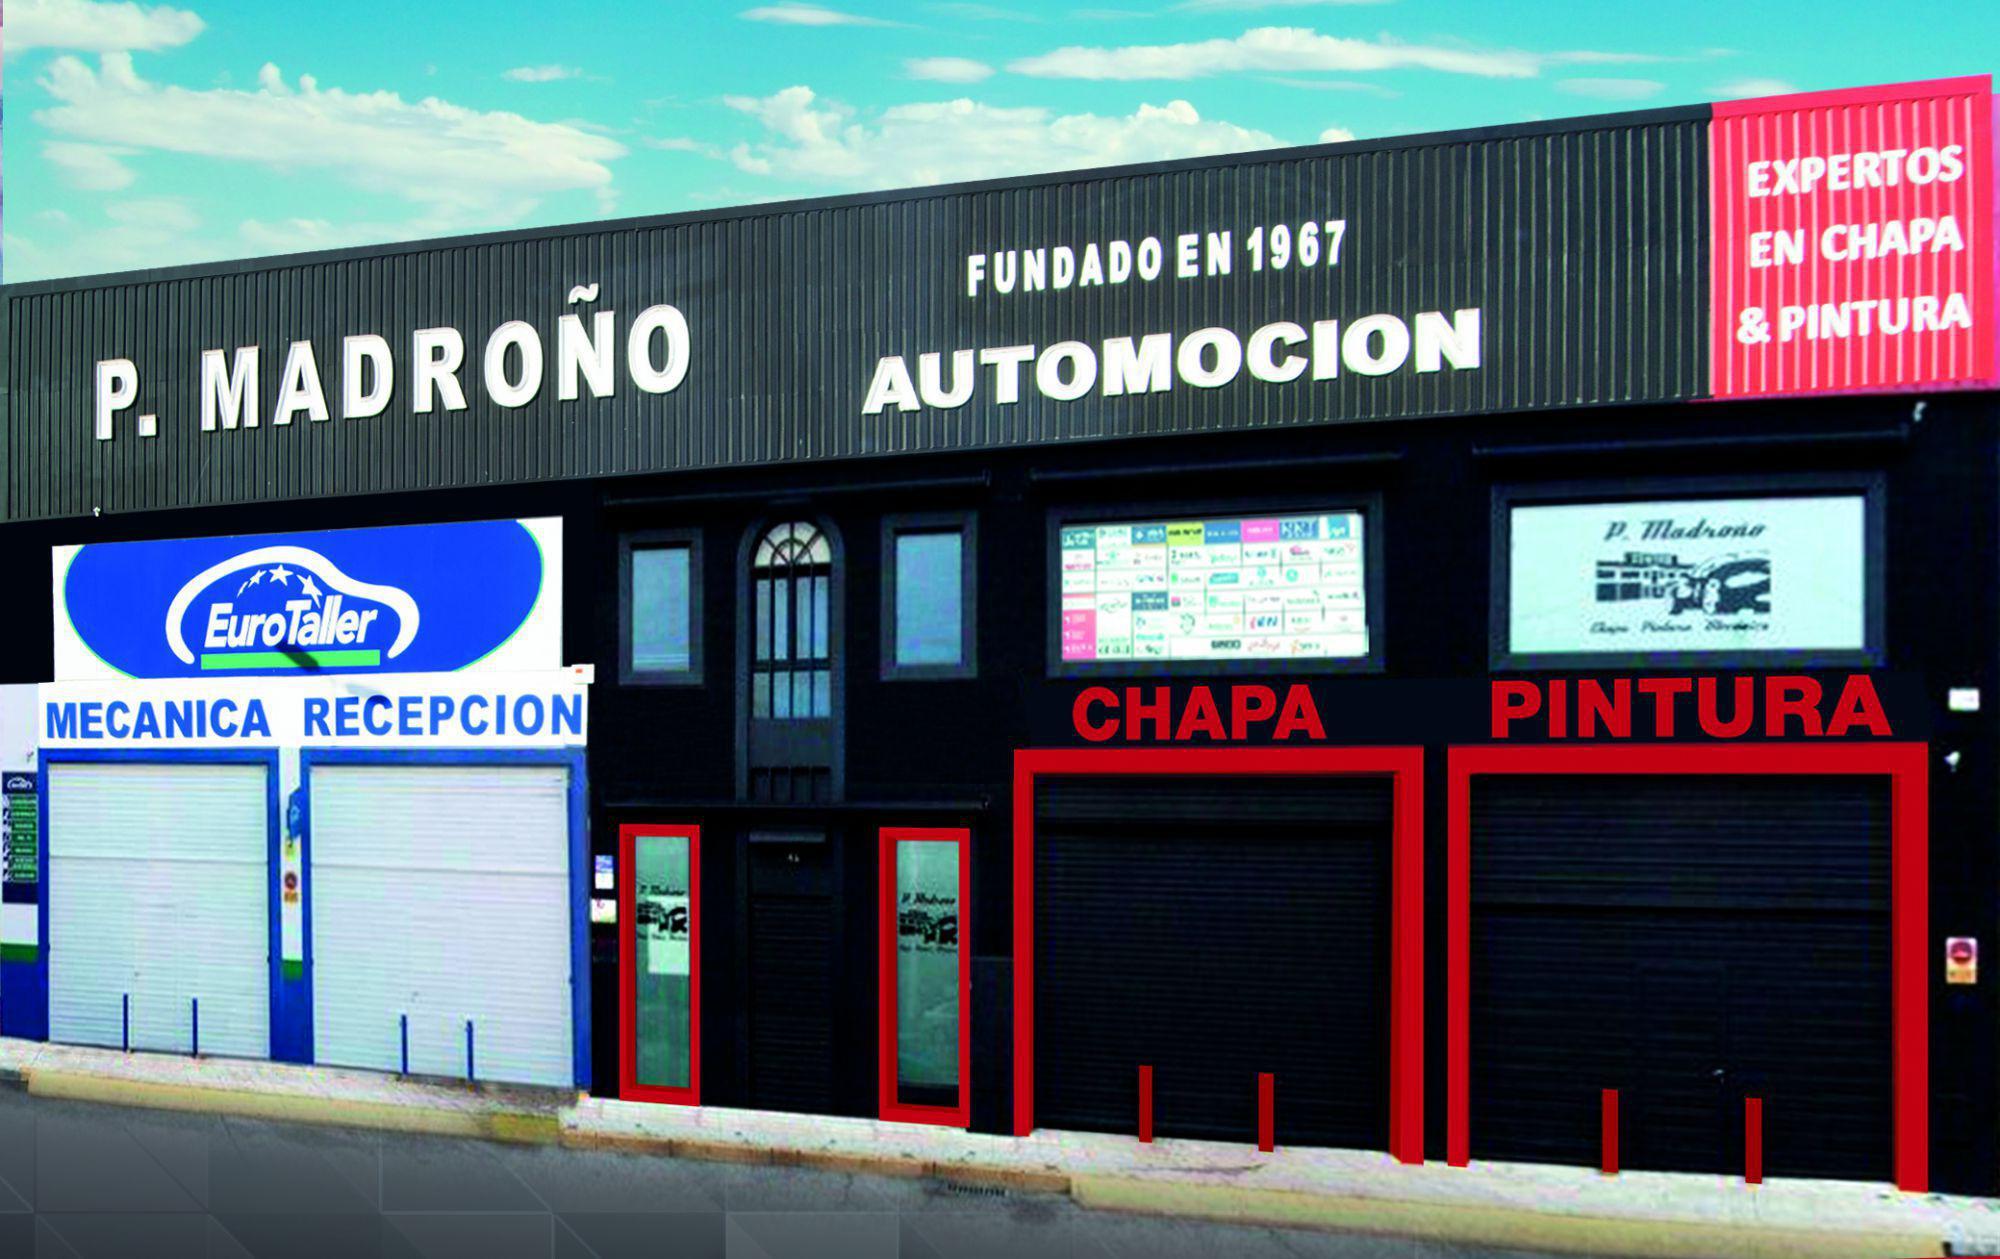 Centro del autom vil pedro madro o 50 a os al servicio - Fachadas de talleres ...